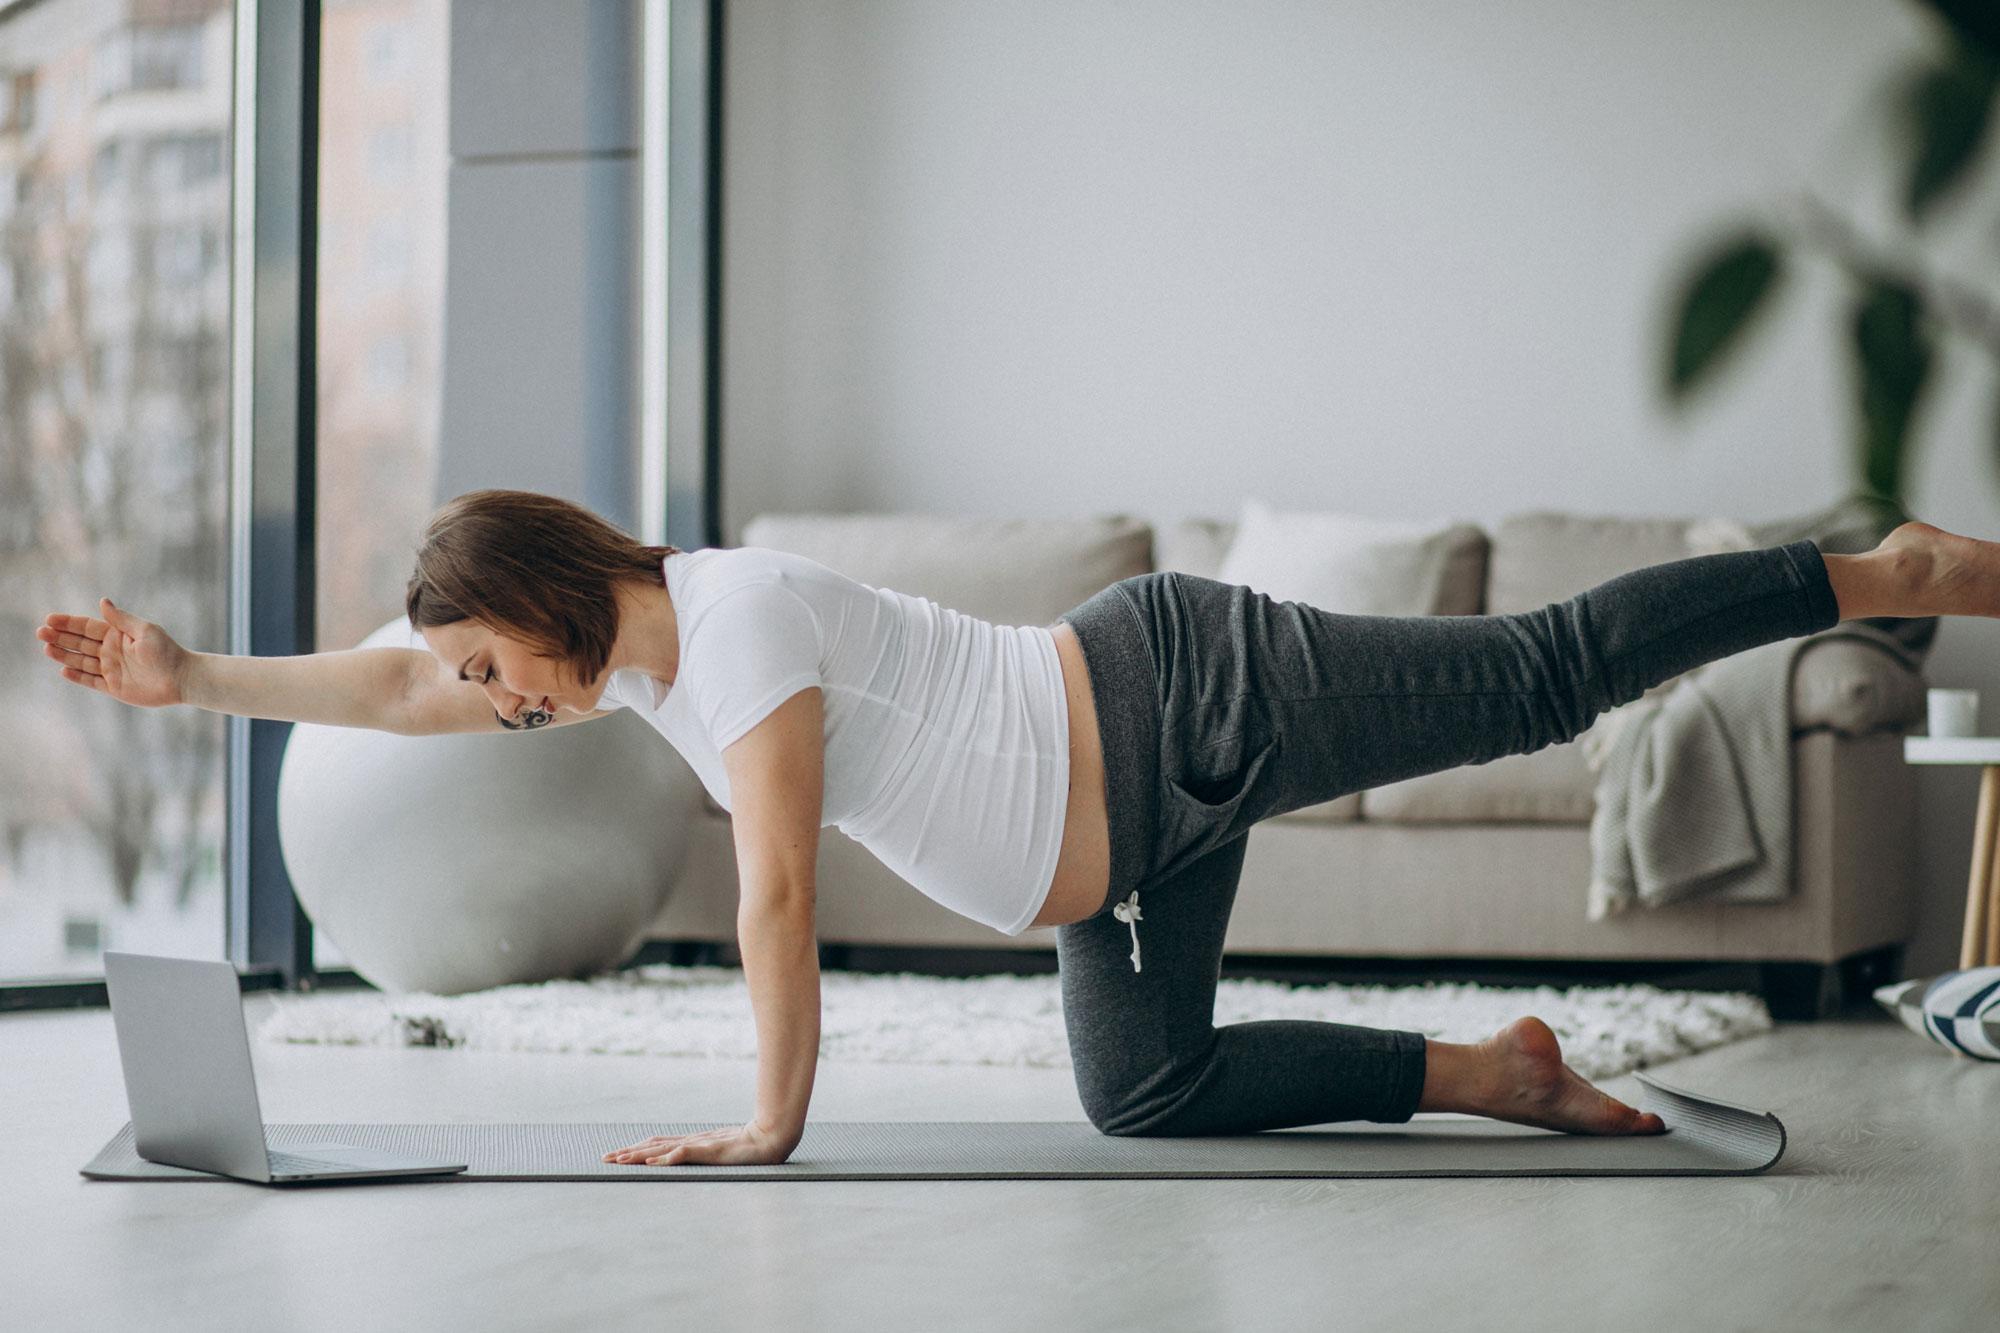 pregnant women doing pilates online